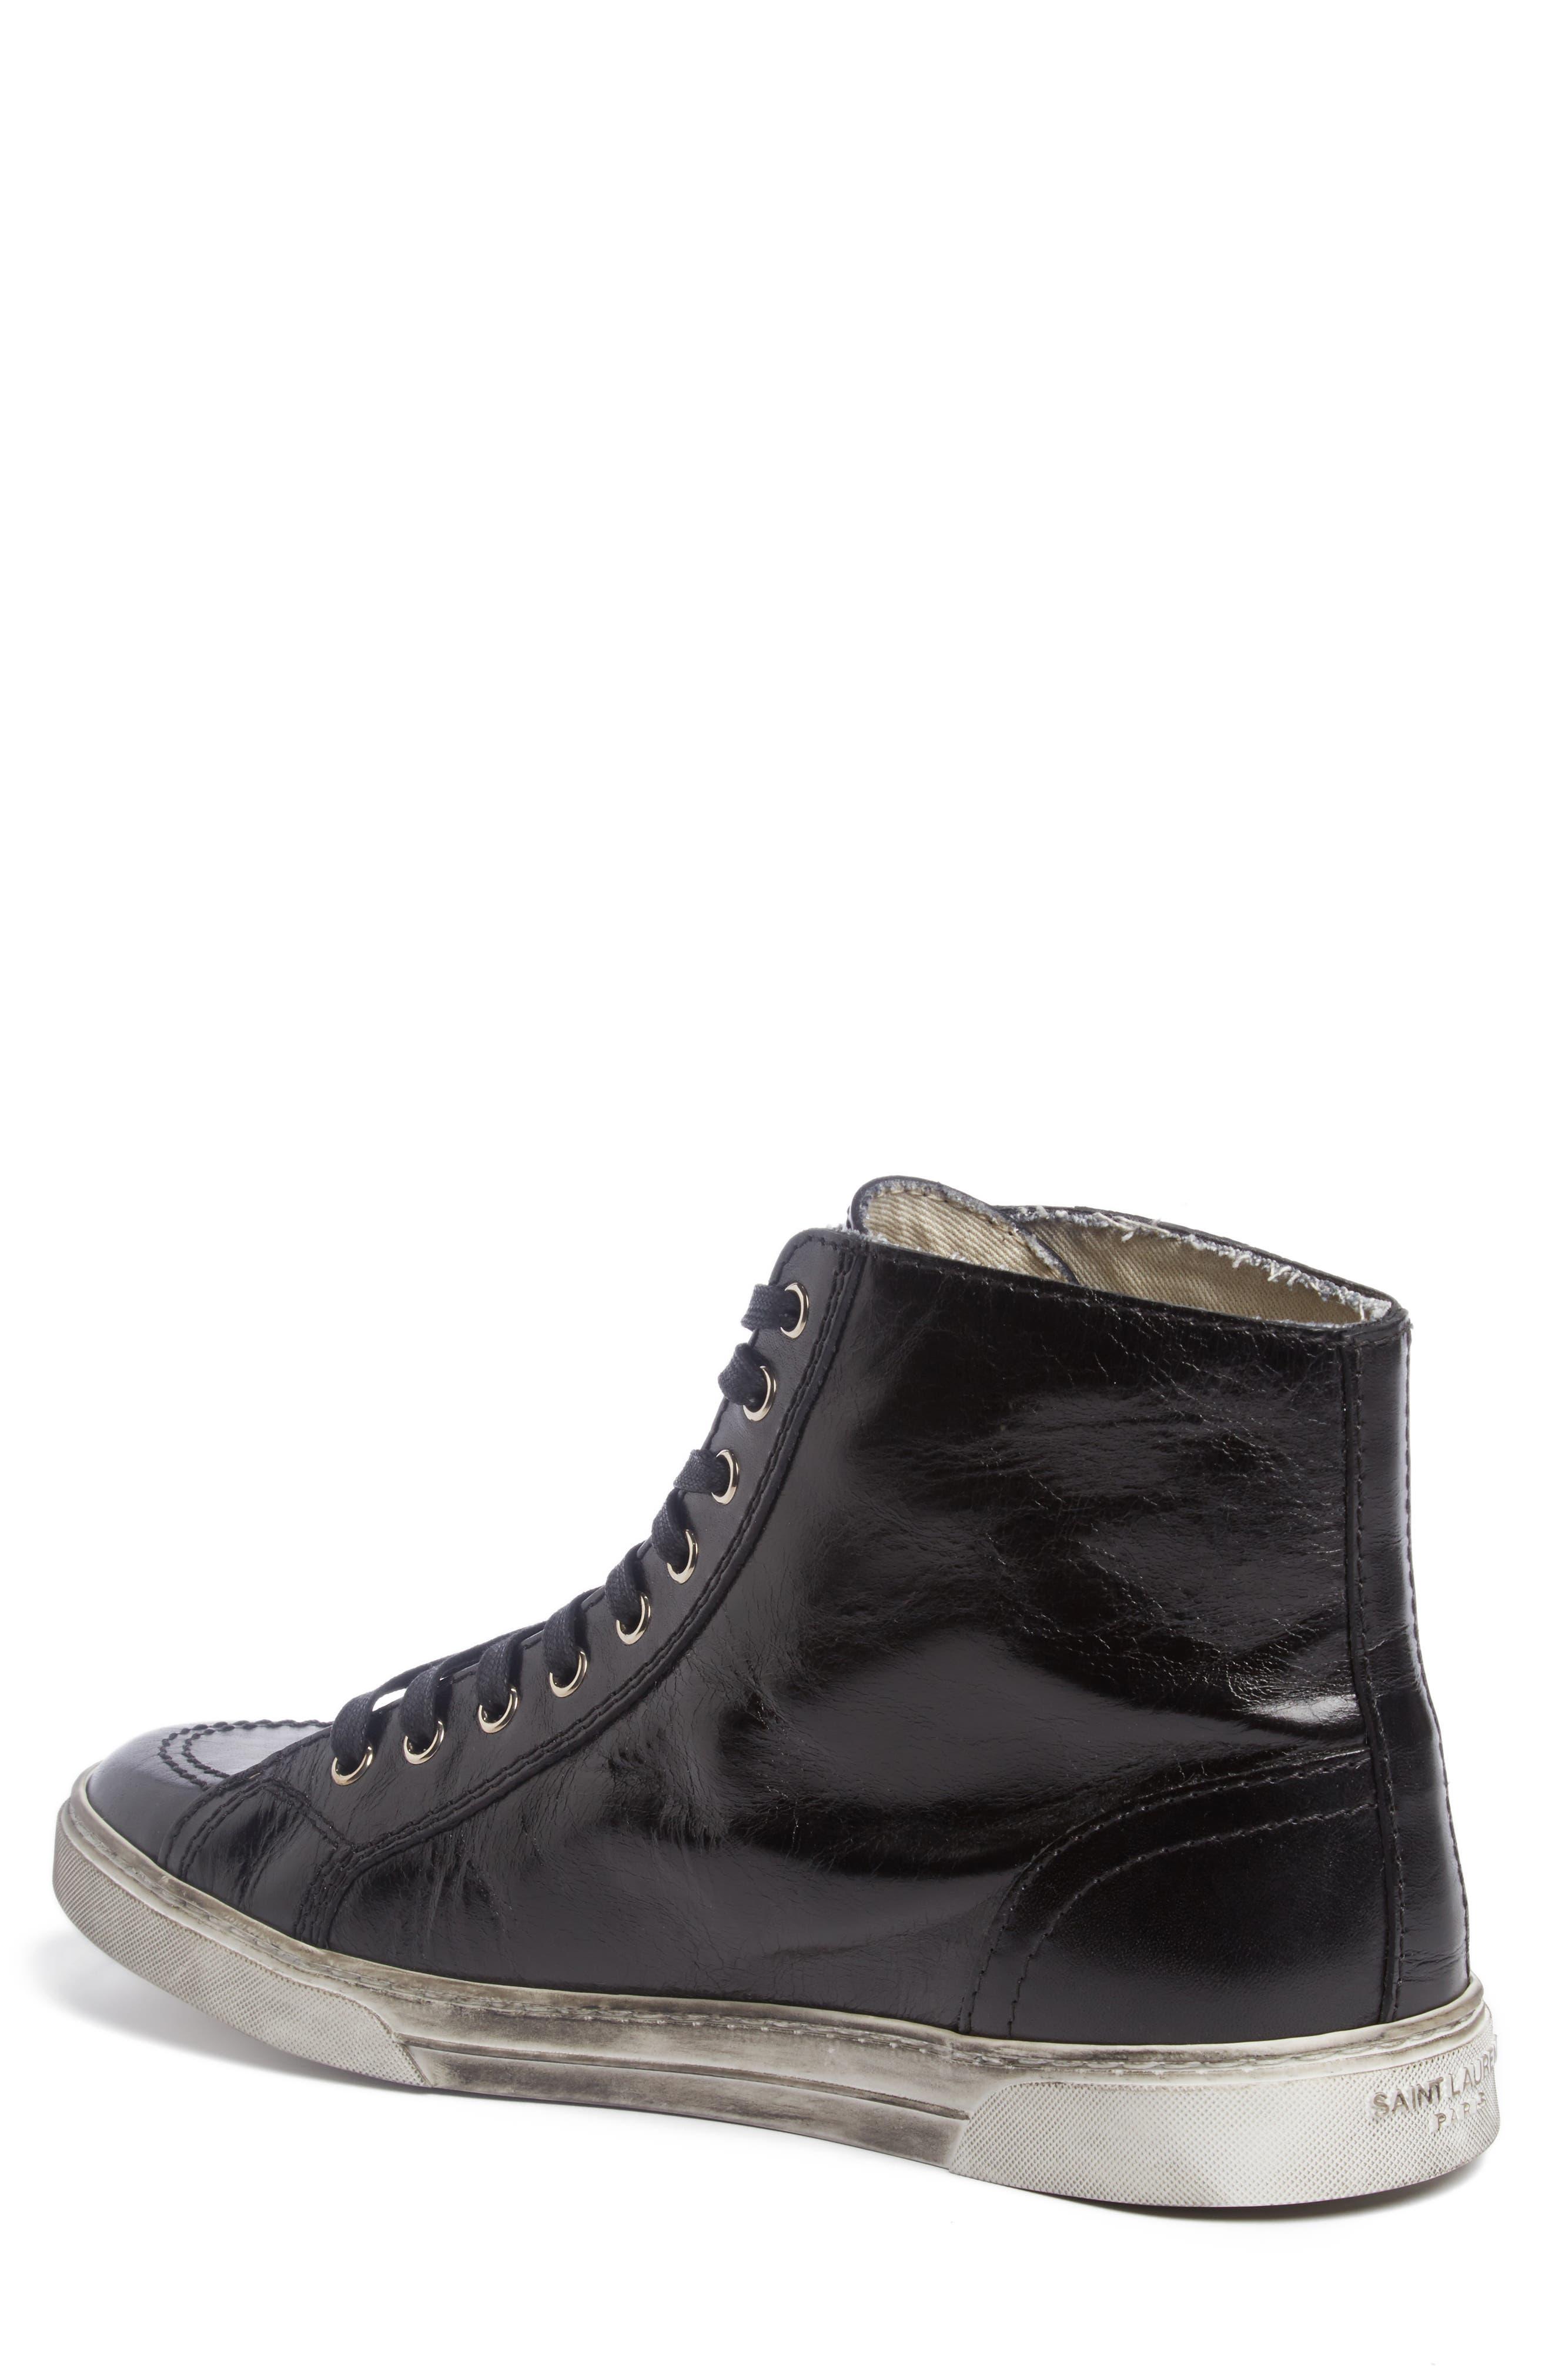 Modern Art Sneaker,                             Alternate thumbnail 2, color,                             009